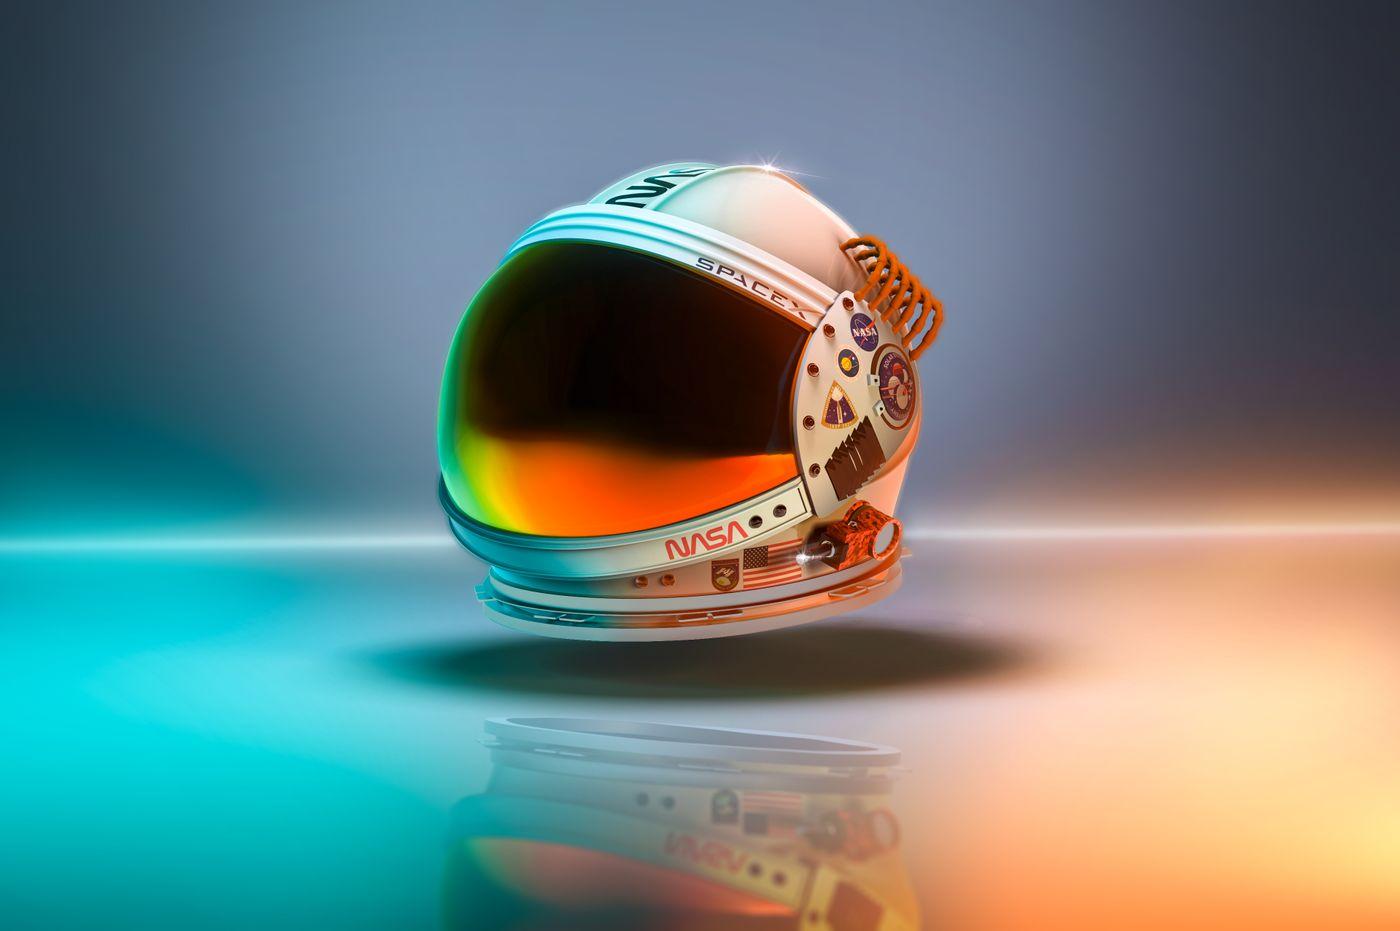 Nasa-Spacex Helmet